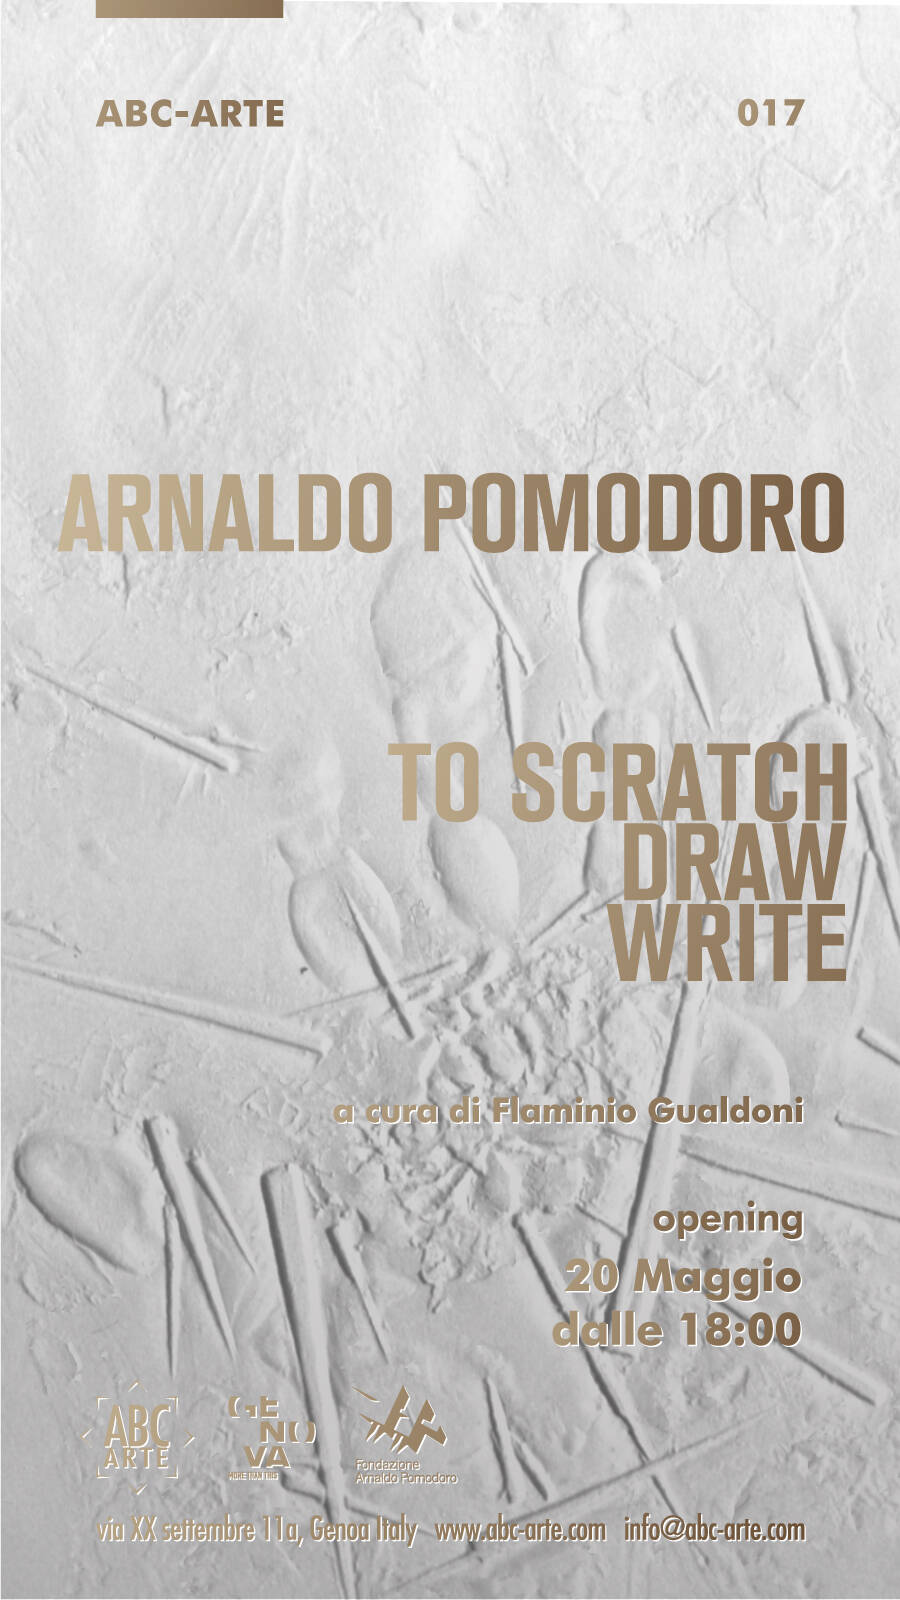 Arnaldo Pomodoro. To scratch, draw, write